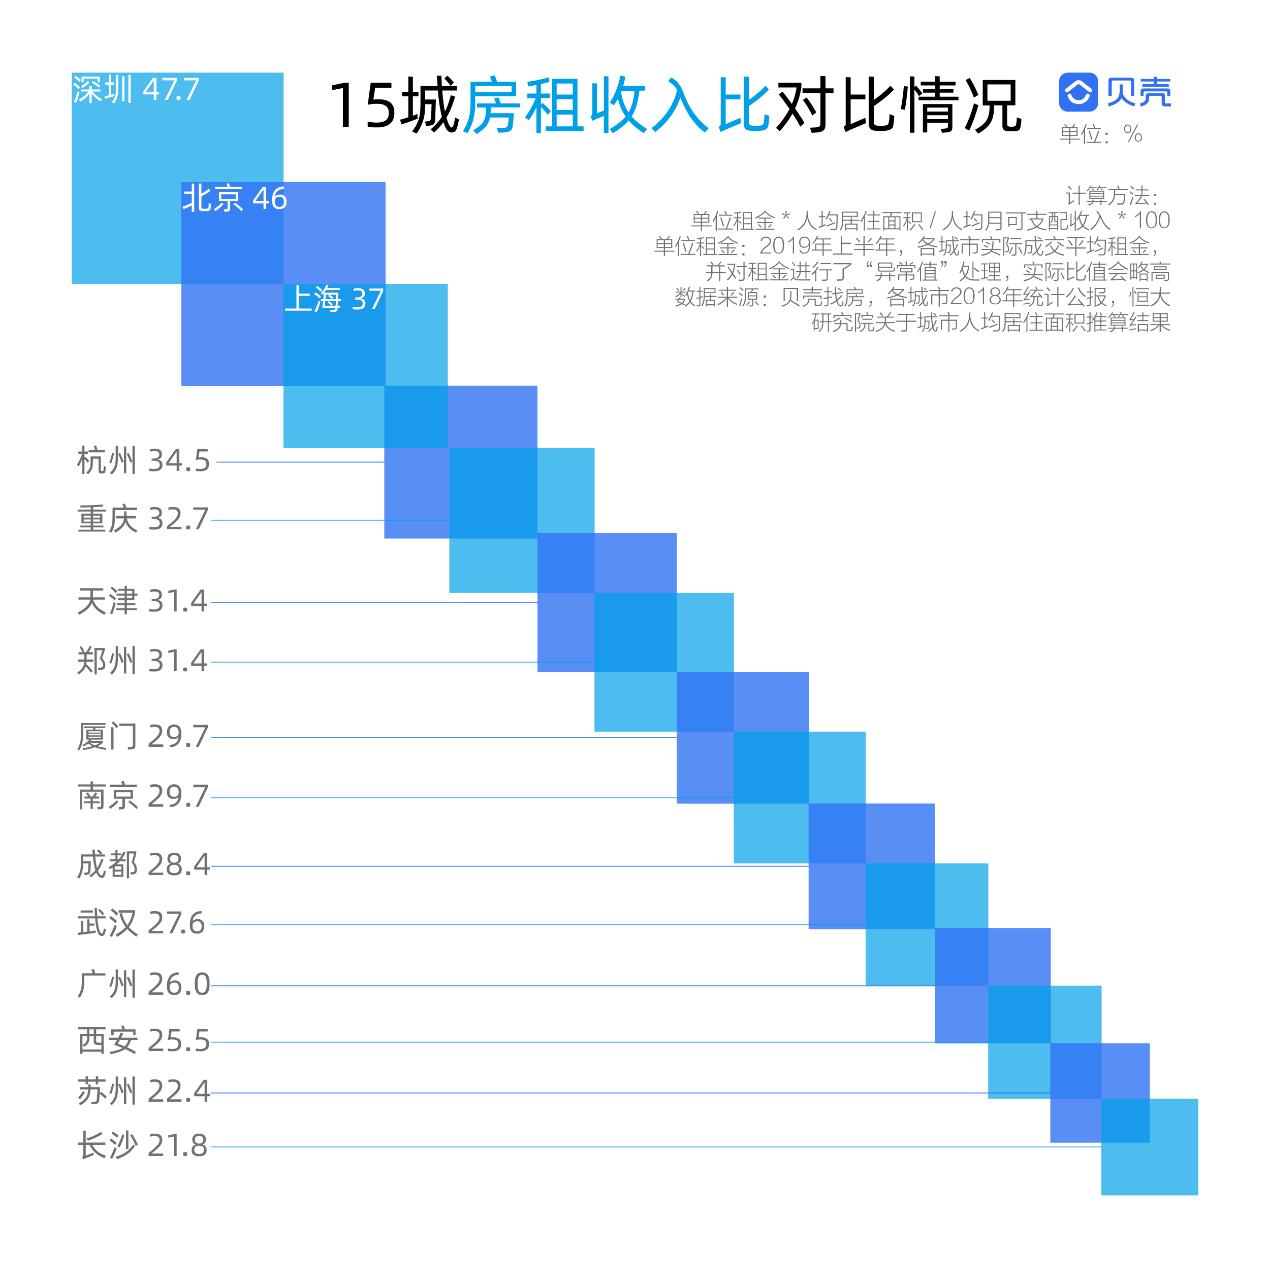 机构:无论租房还是买房,你关心的都在这份报告里-中国网地产